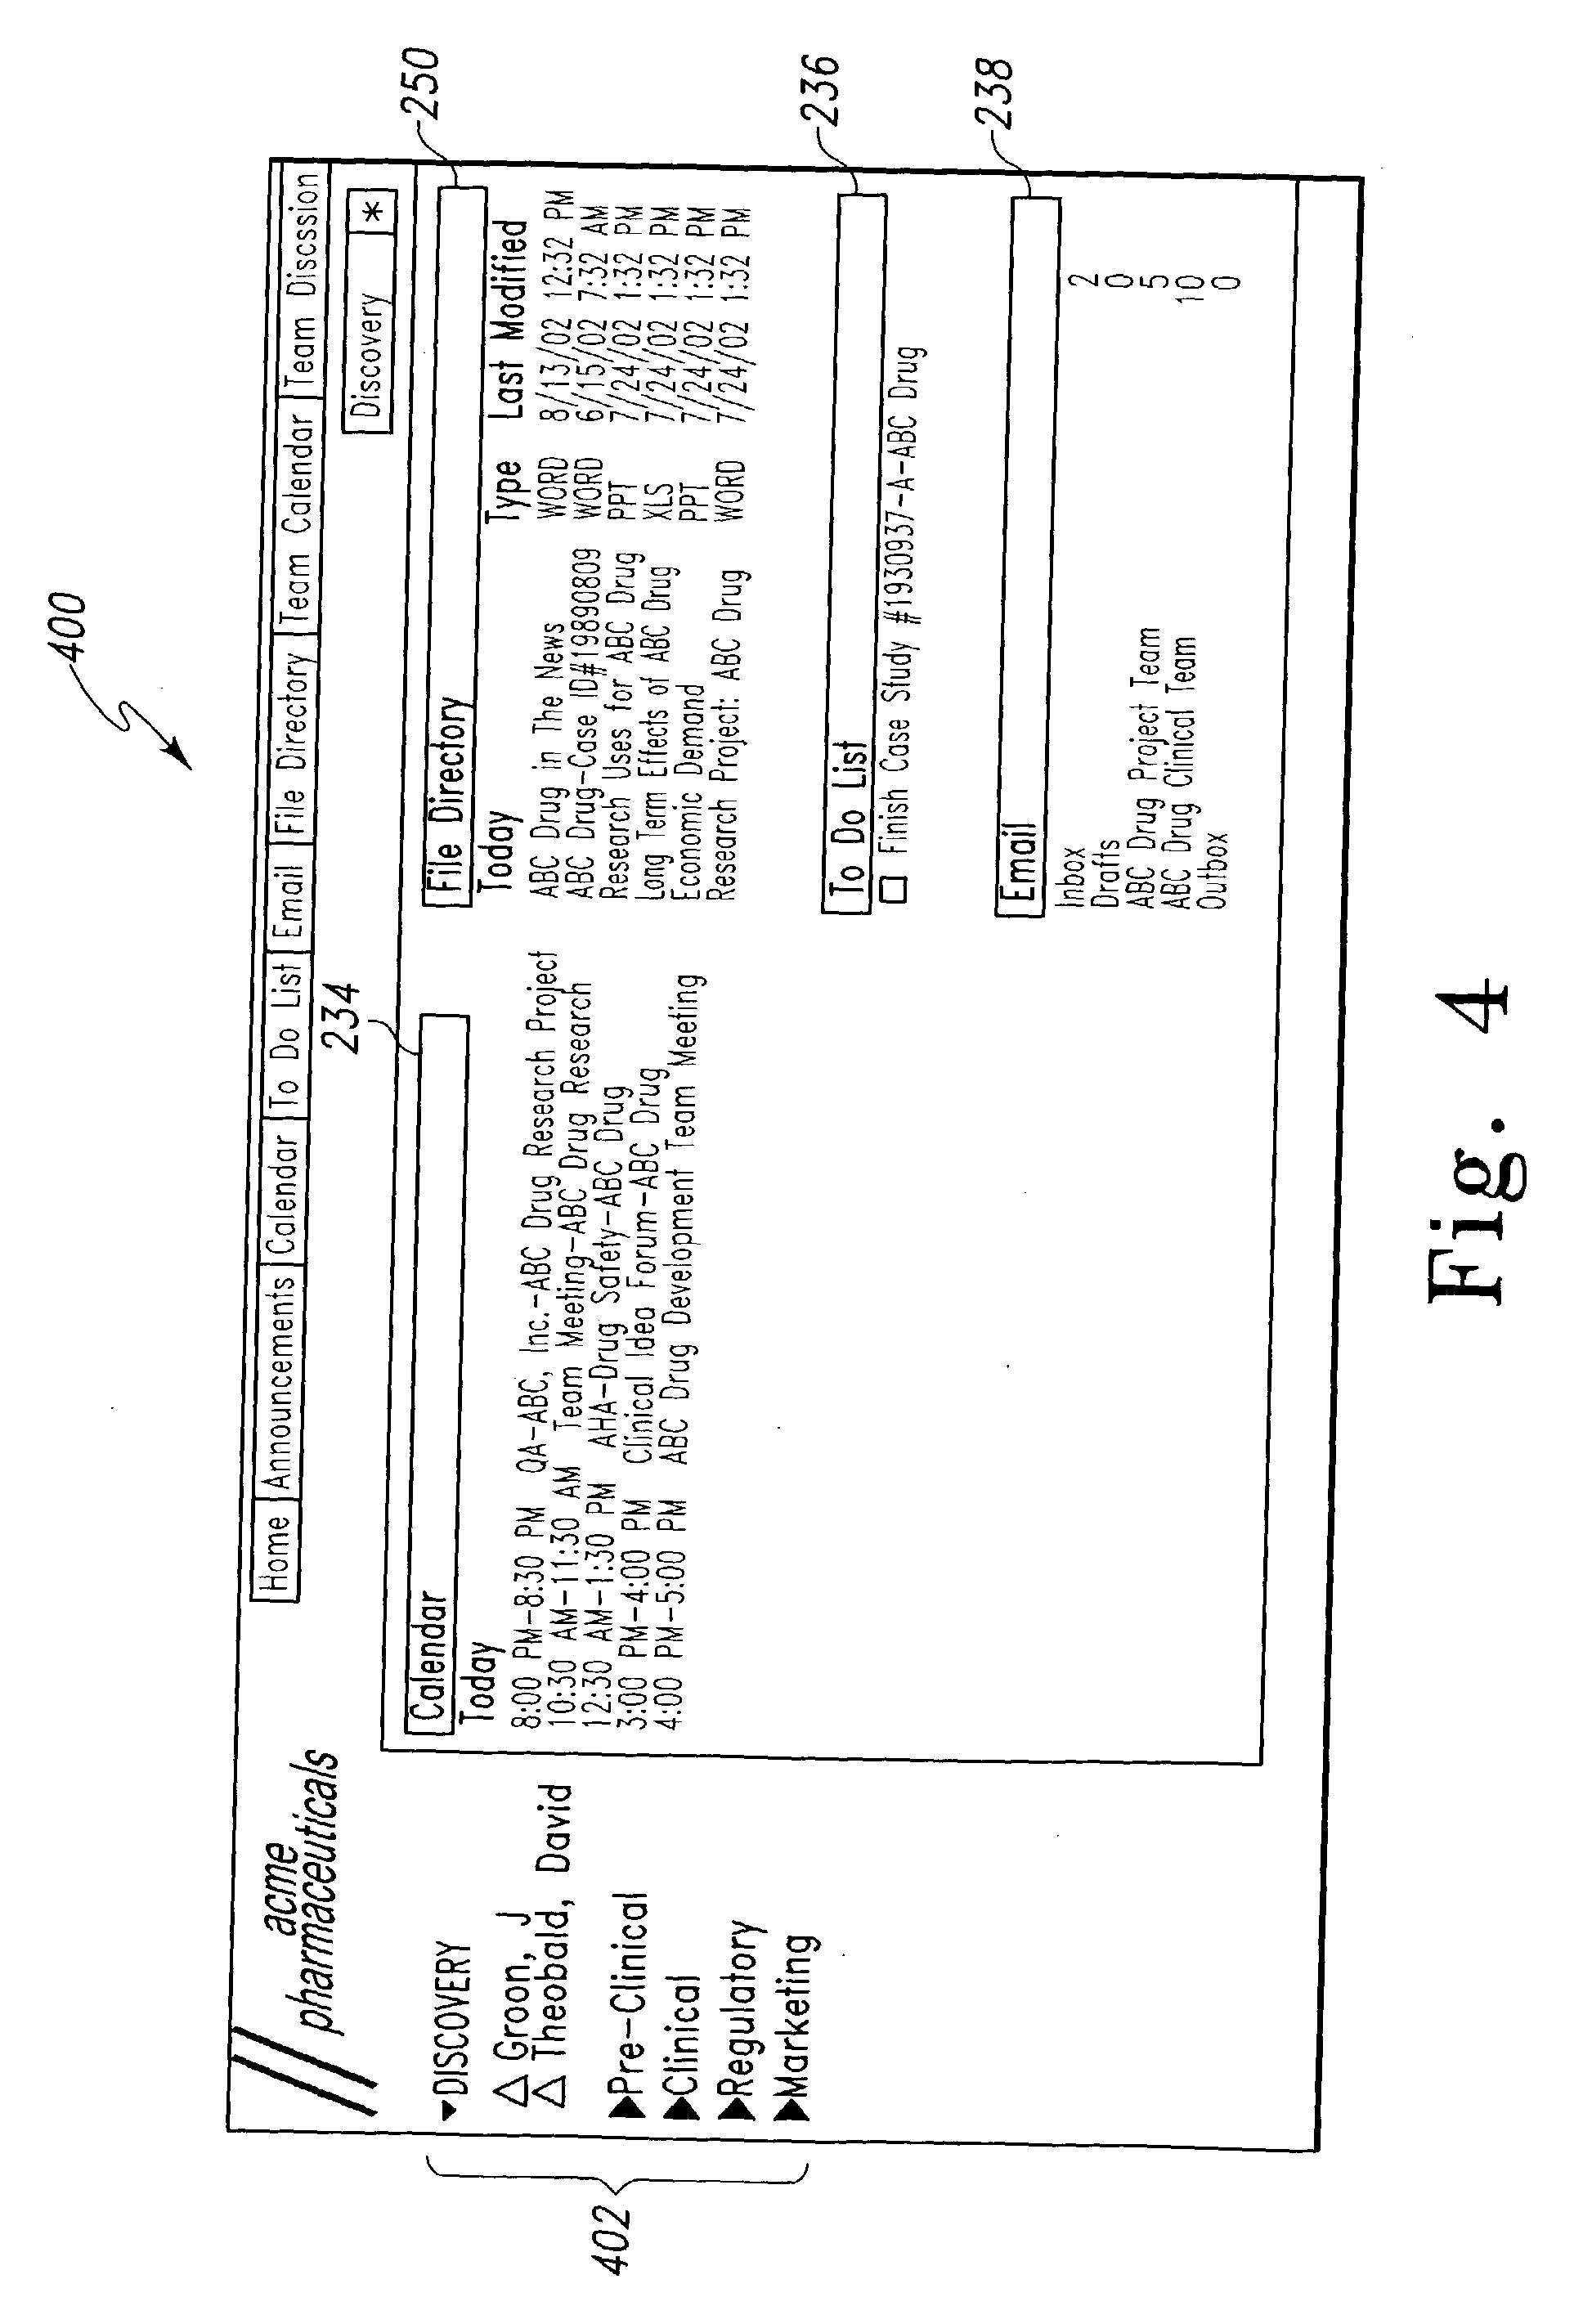 """d u assistant audioprothesiste 92 offres d'emploi de assistant audioprothésiste temporis bressuire (79300) recherche pour un de ses clients un """"audioprothesiste"""" h/f."""